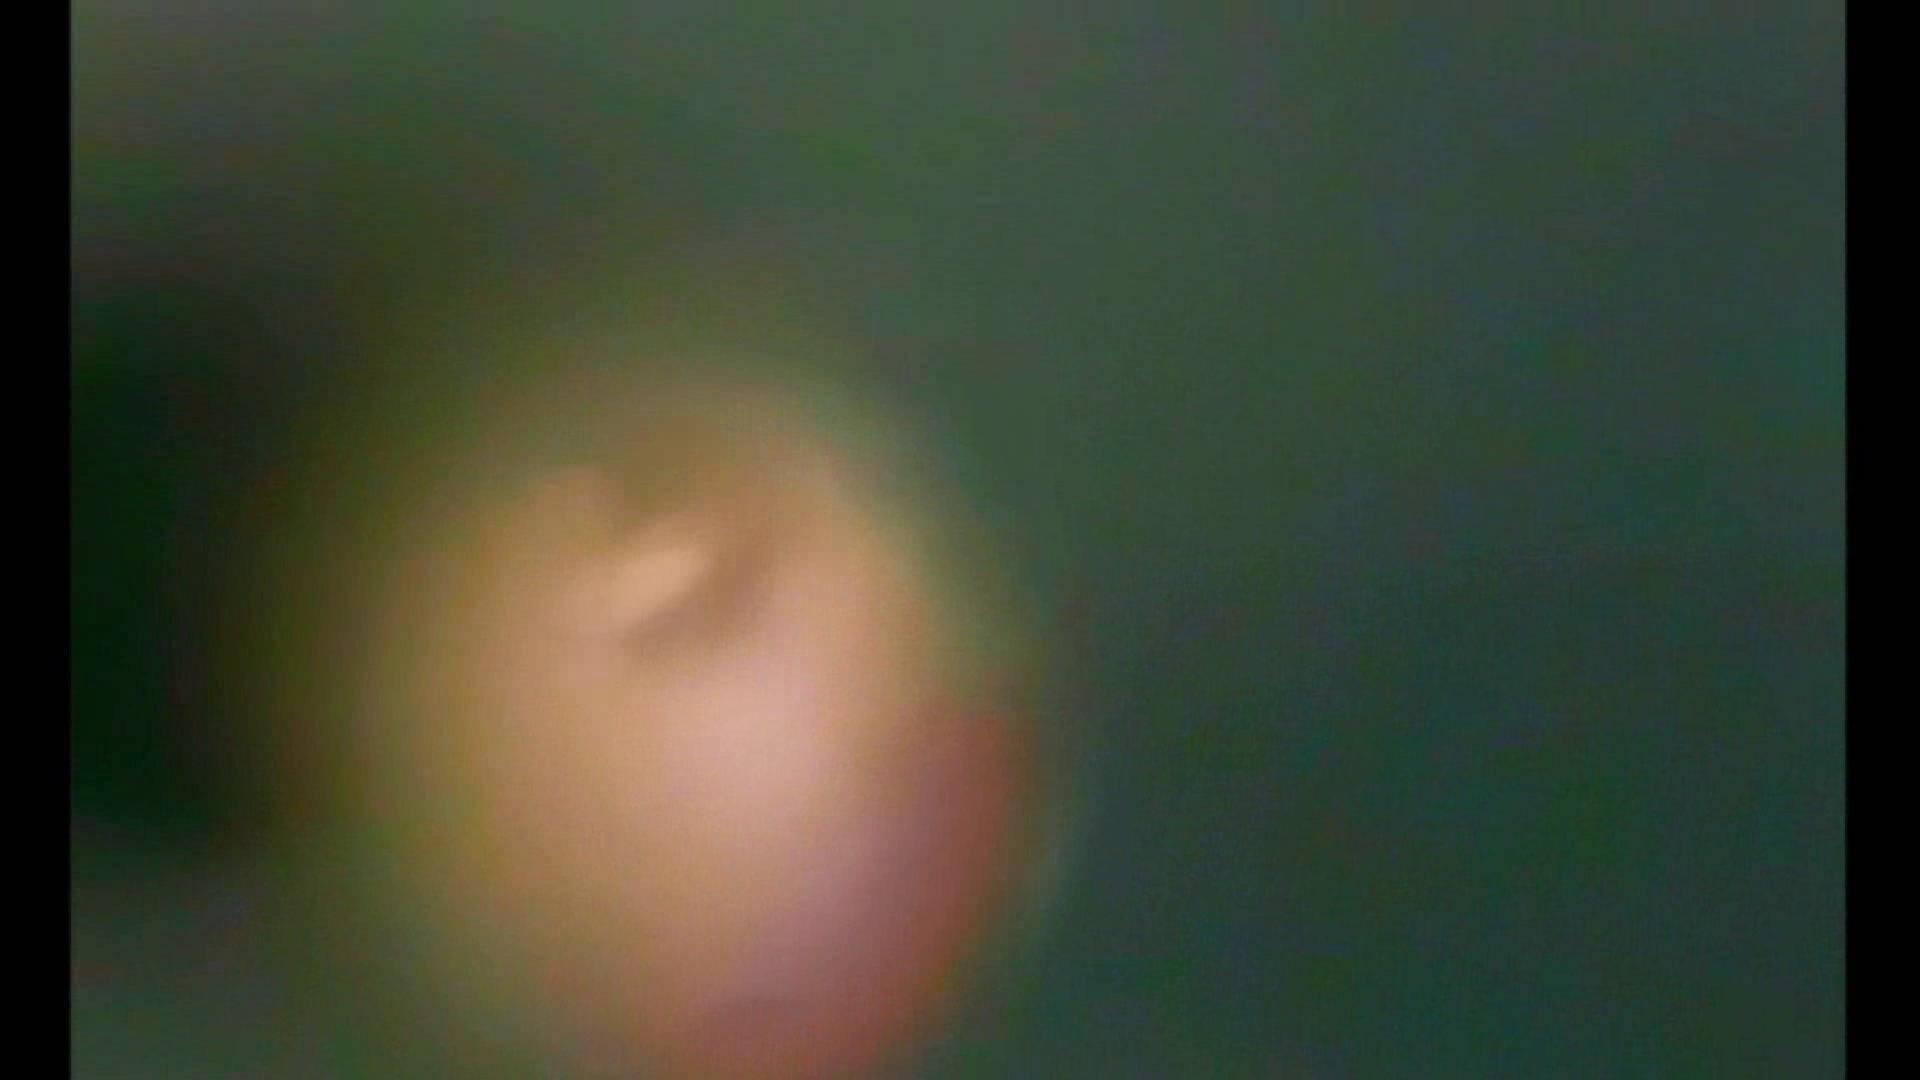 イケメンの素顔in洗面所 Vol.14 男天国 | イケメンのsex  102pic 27